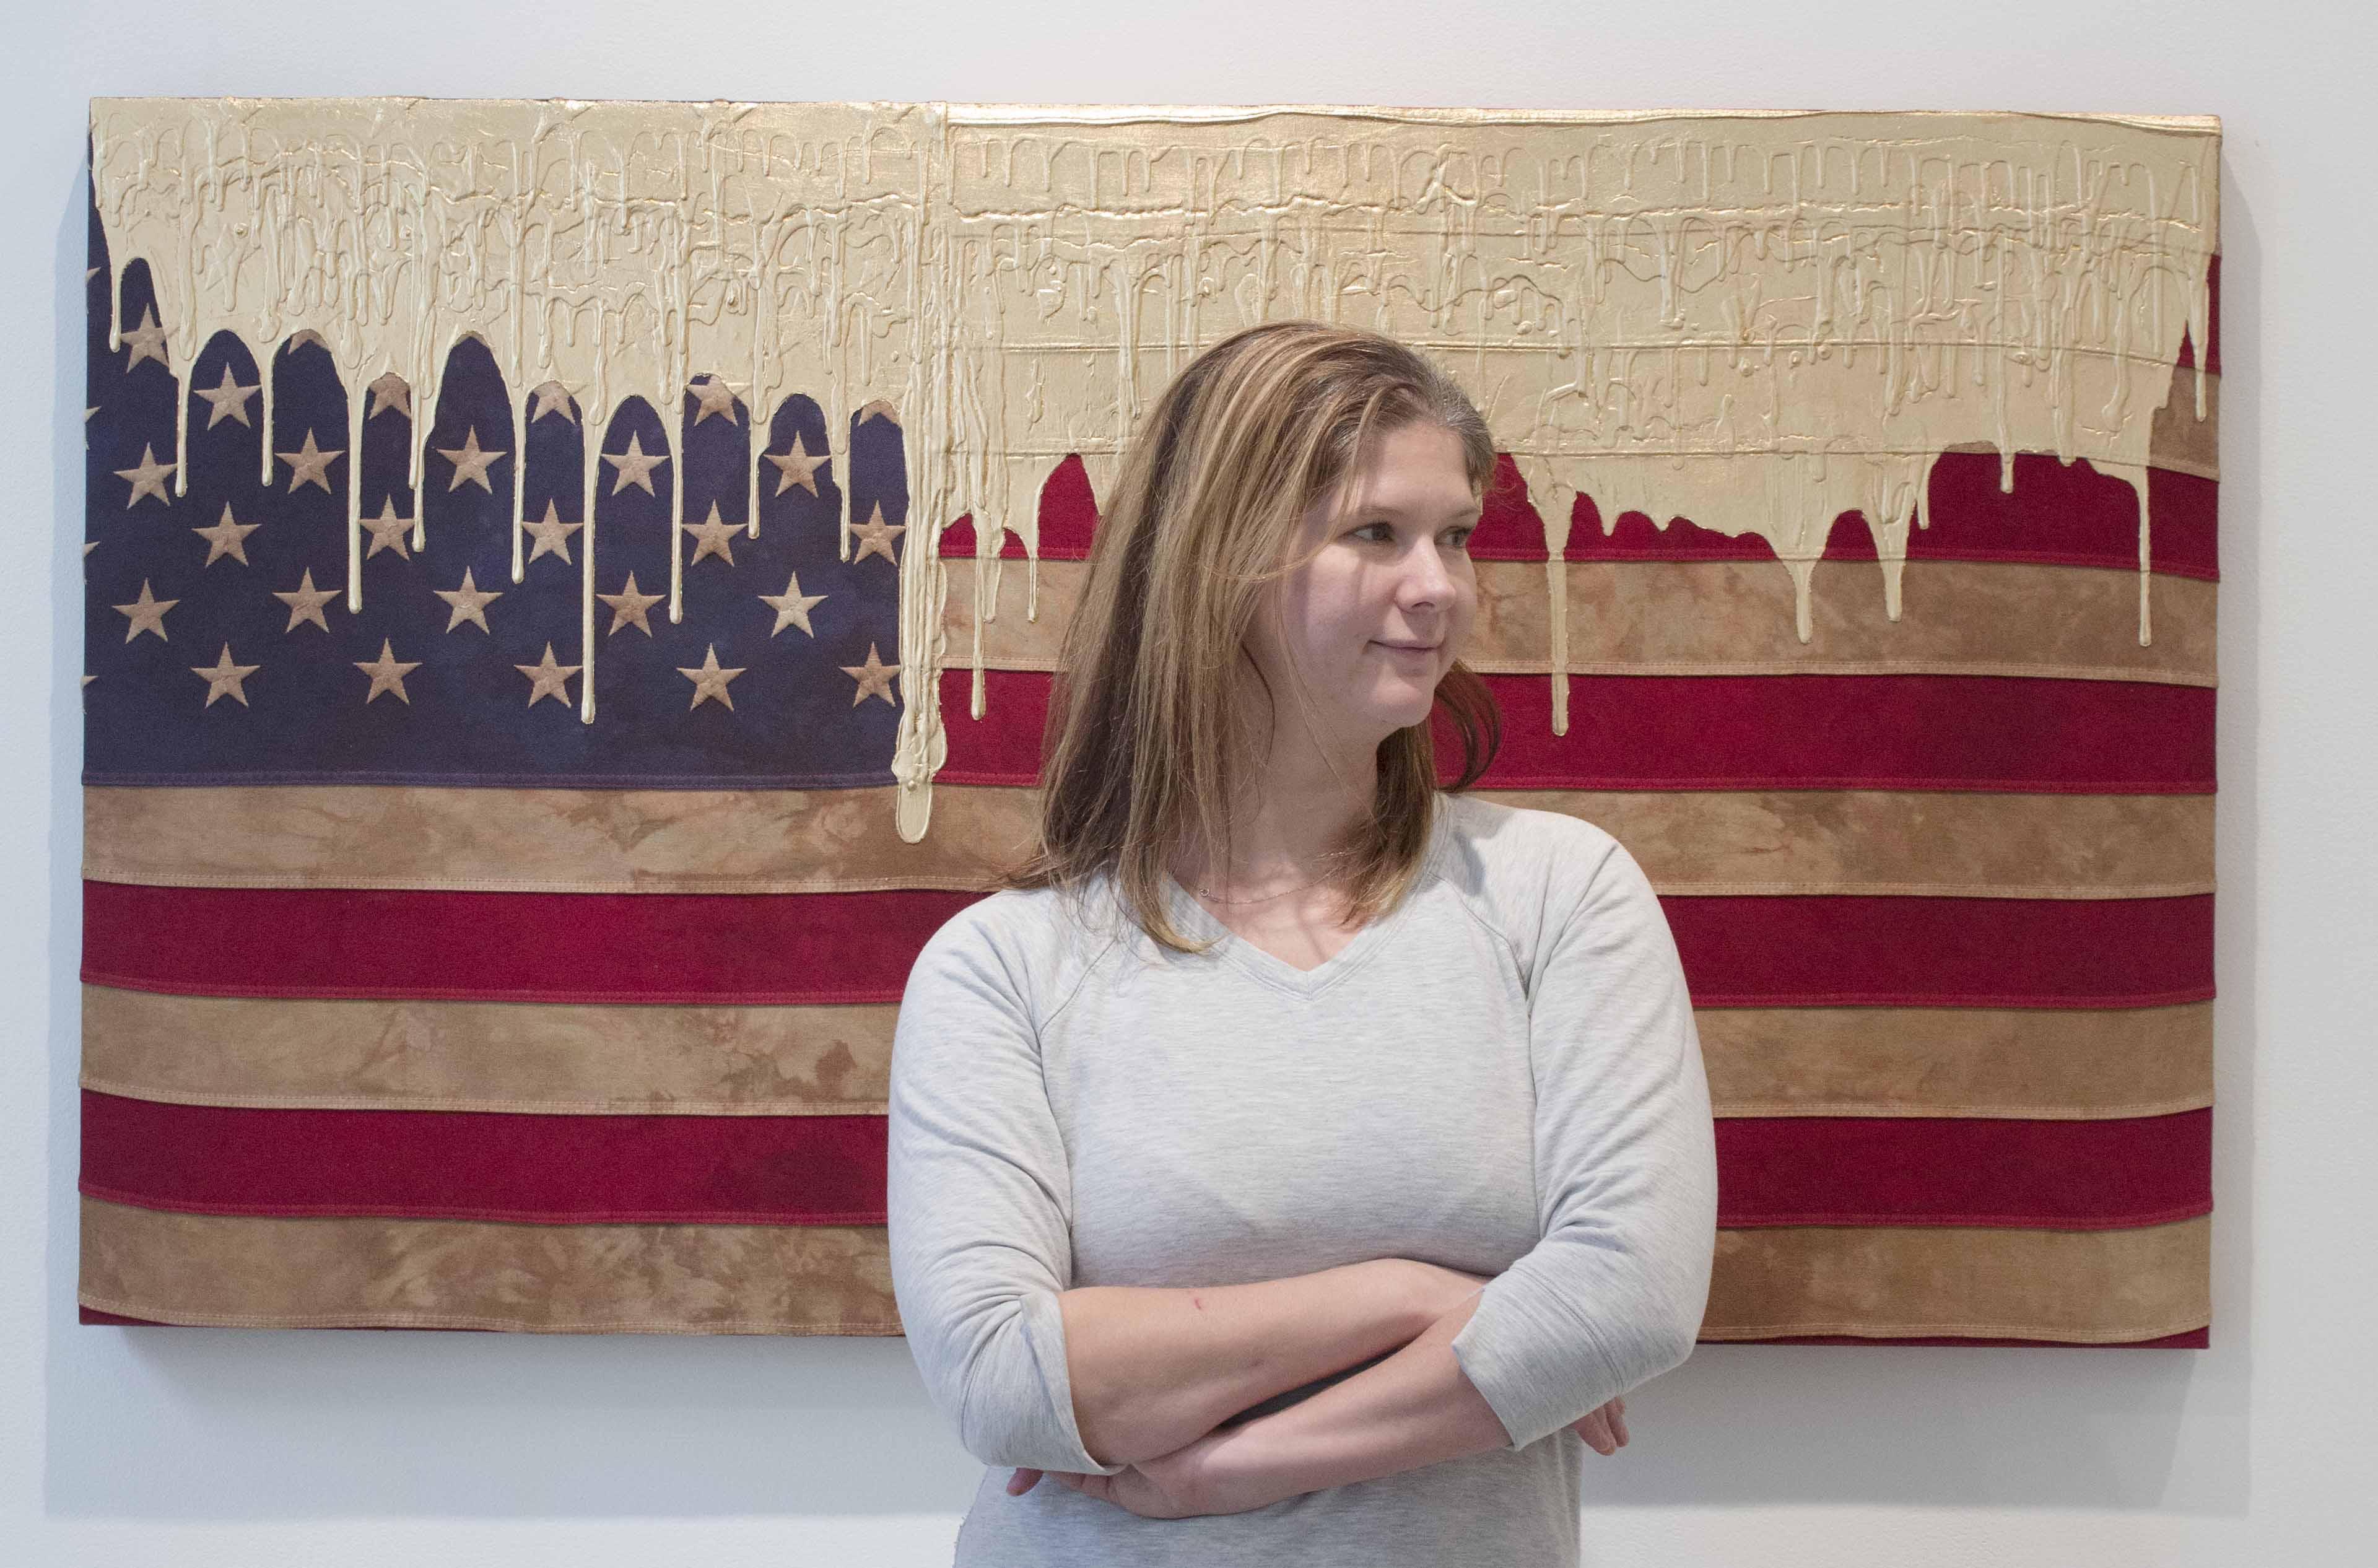 Joshua Liner Gallery總監Karyn Behnke